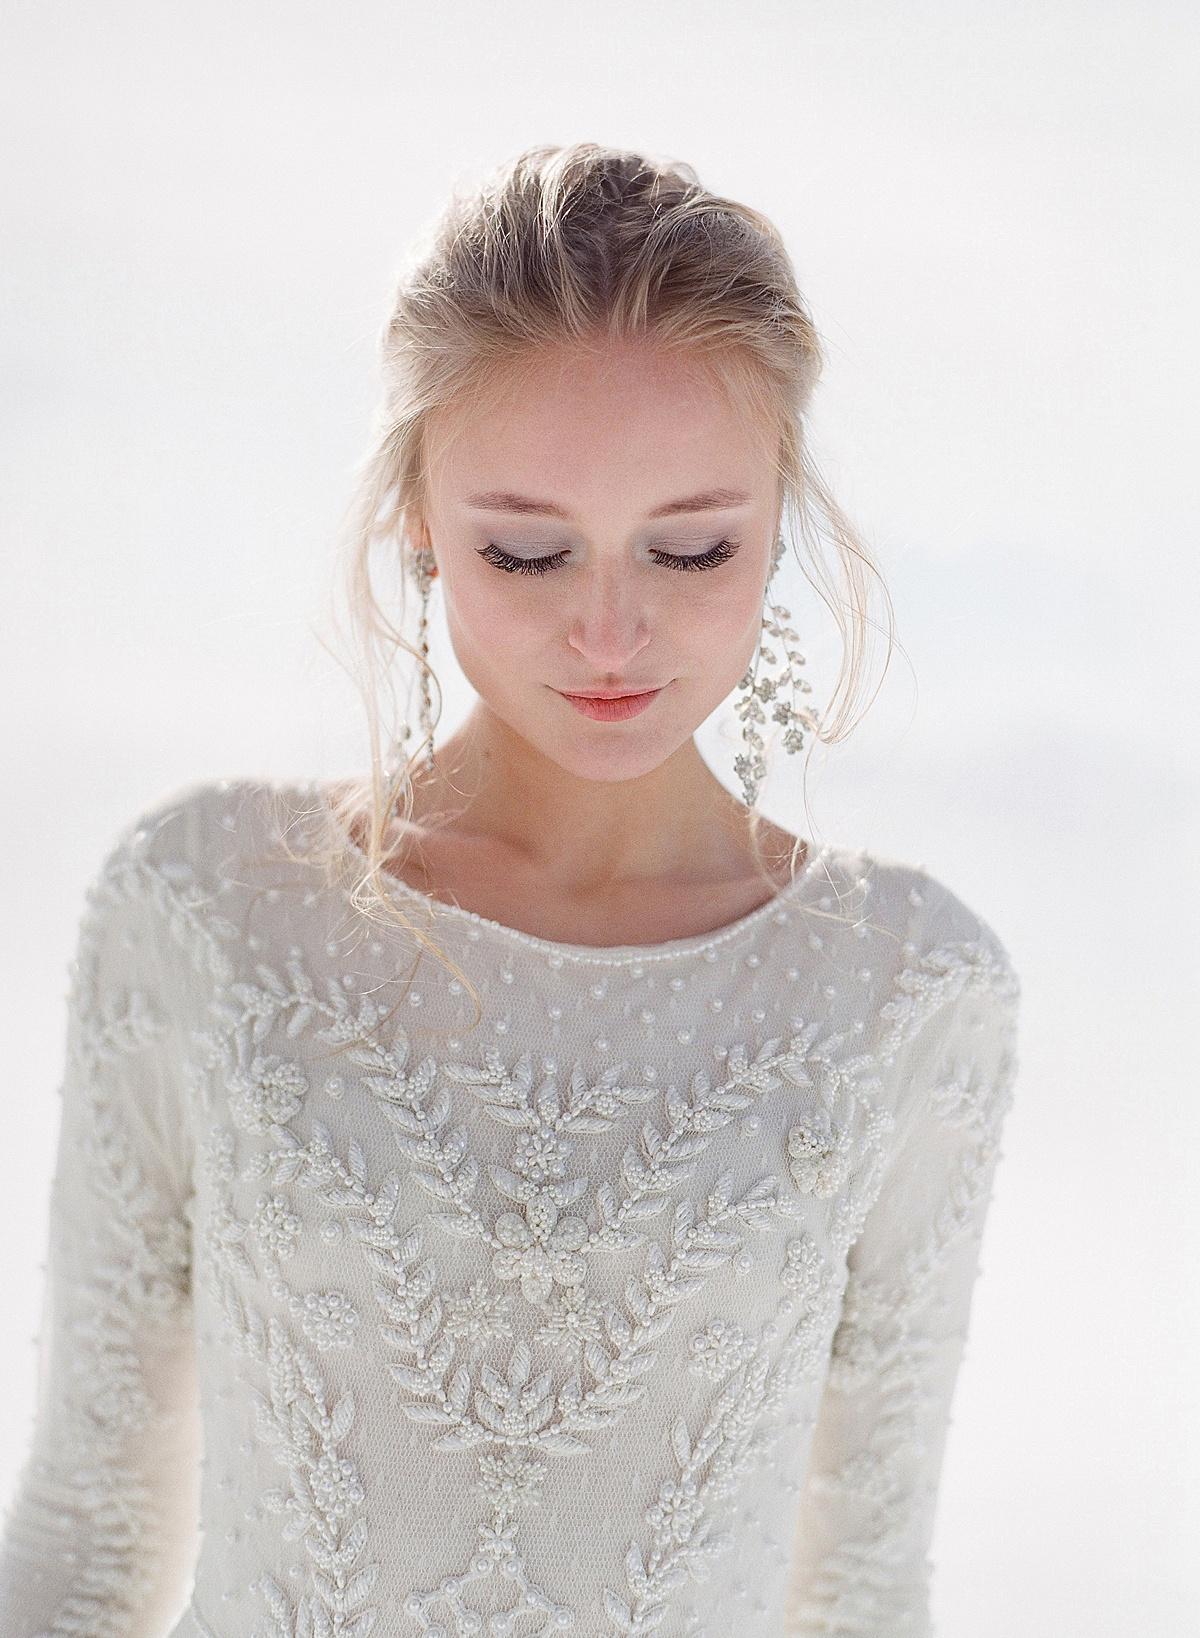 natural-bridal-hair-and-makeup-.jpg